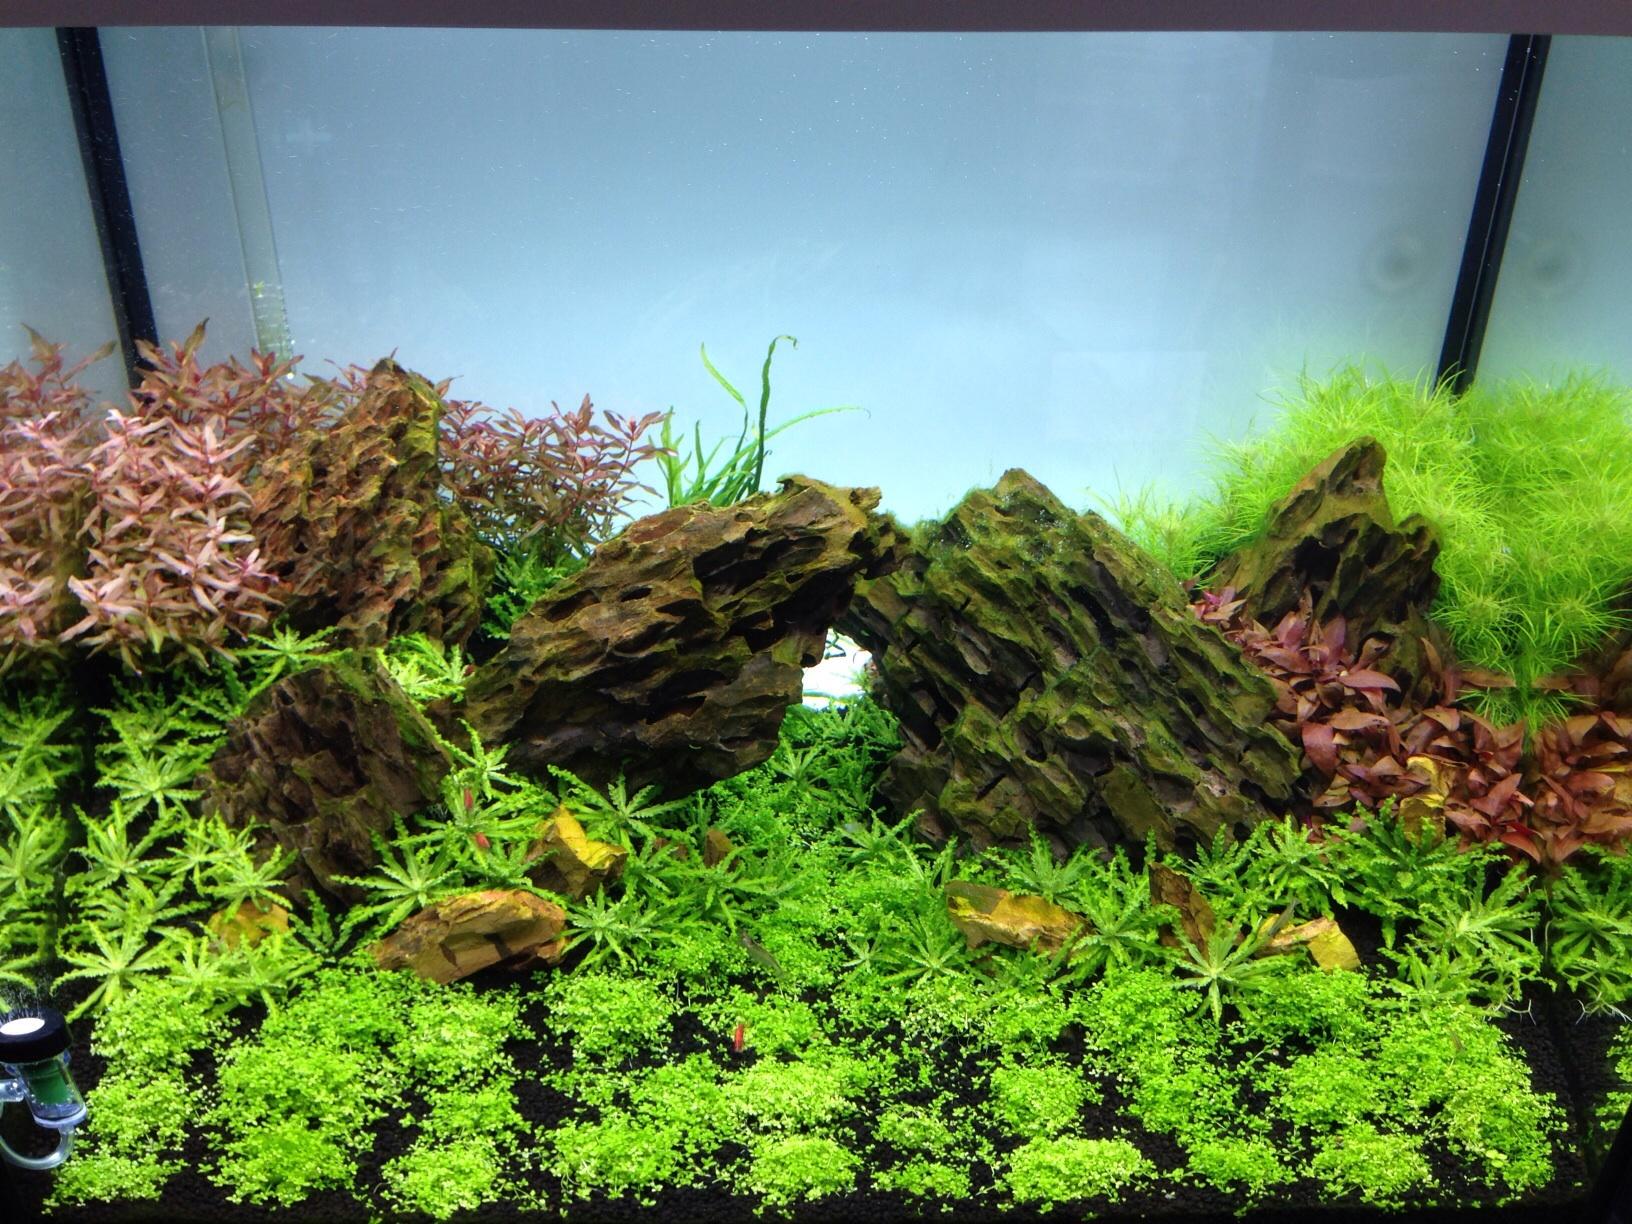 ... 200 Scapingtime - Seite 2 - Aquarienvorstellung - Aquascaping Forum